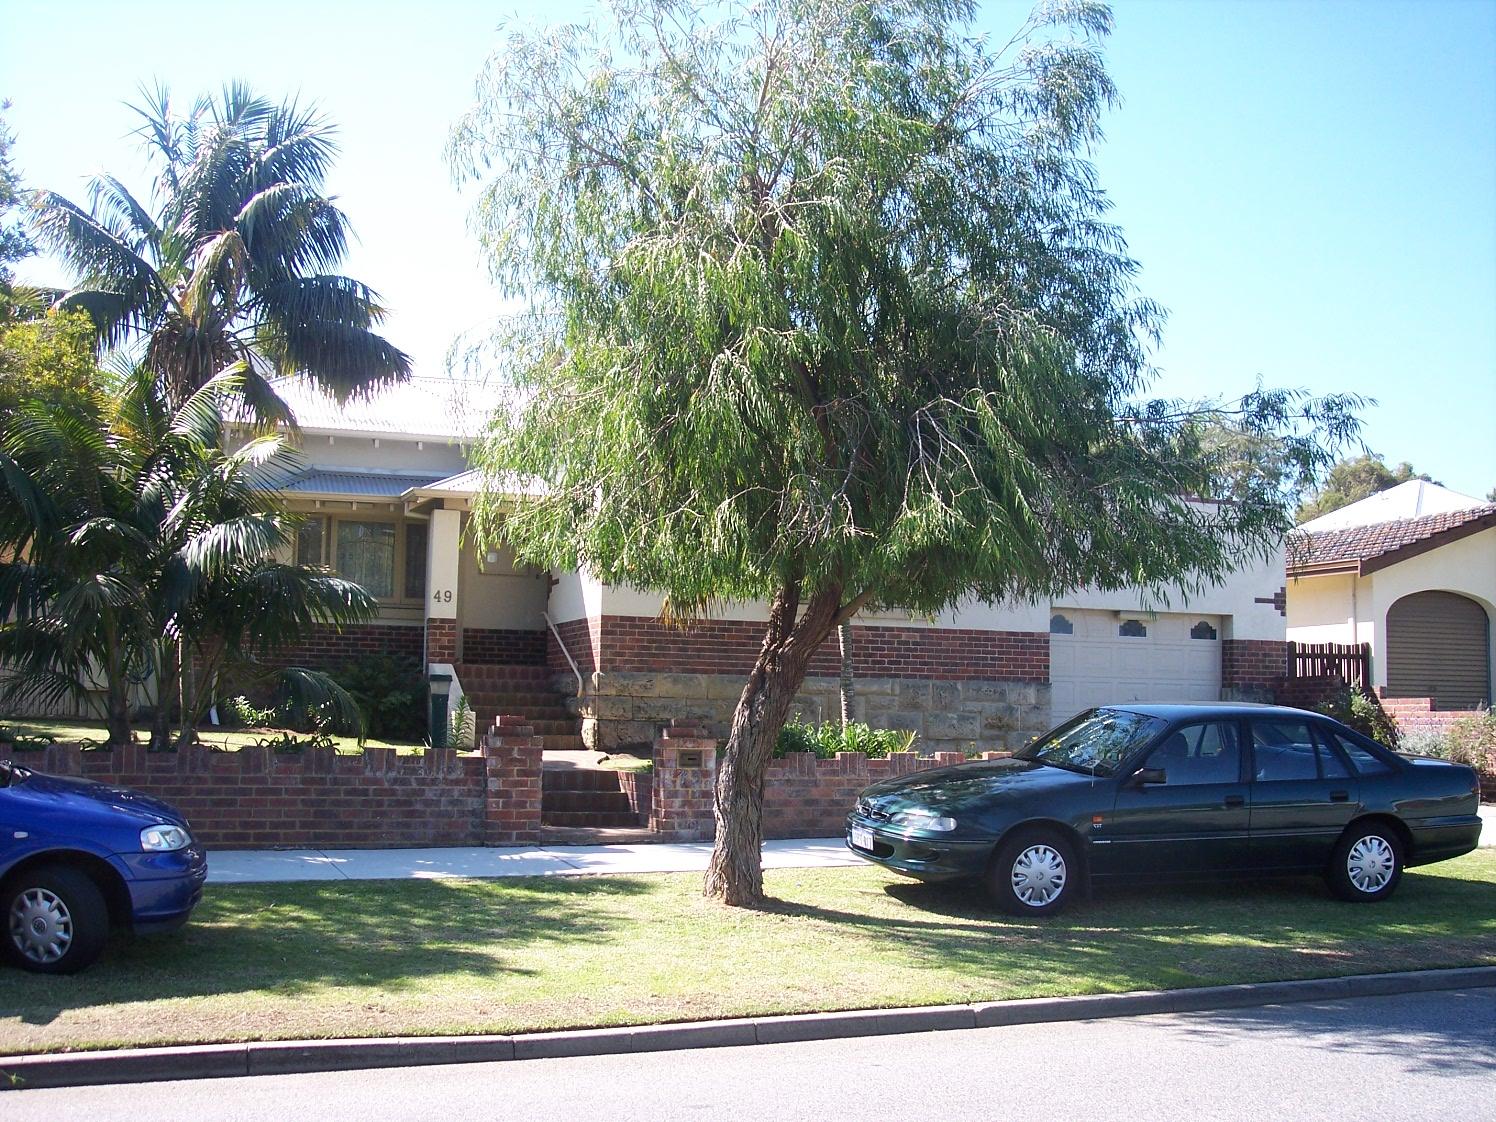 15-9-06 View NNE 49 Fraser Street.jpg